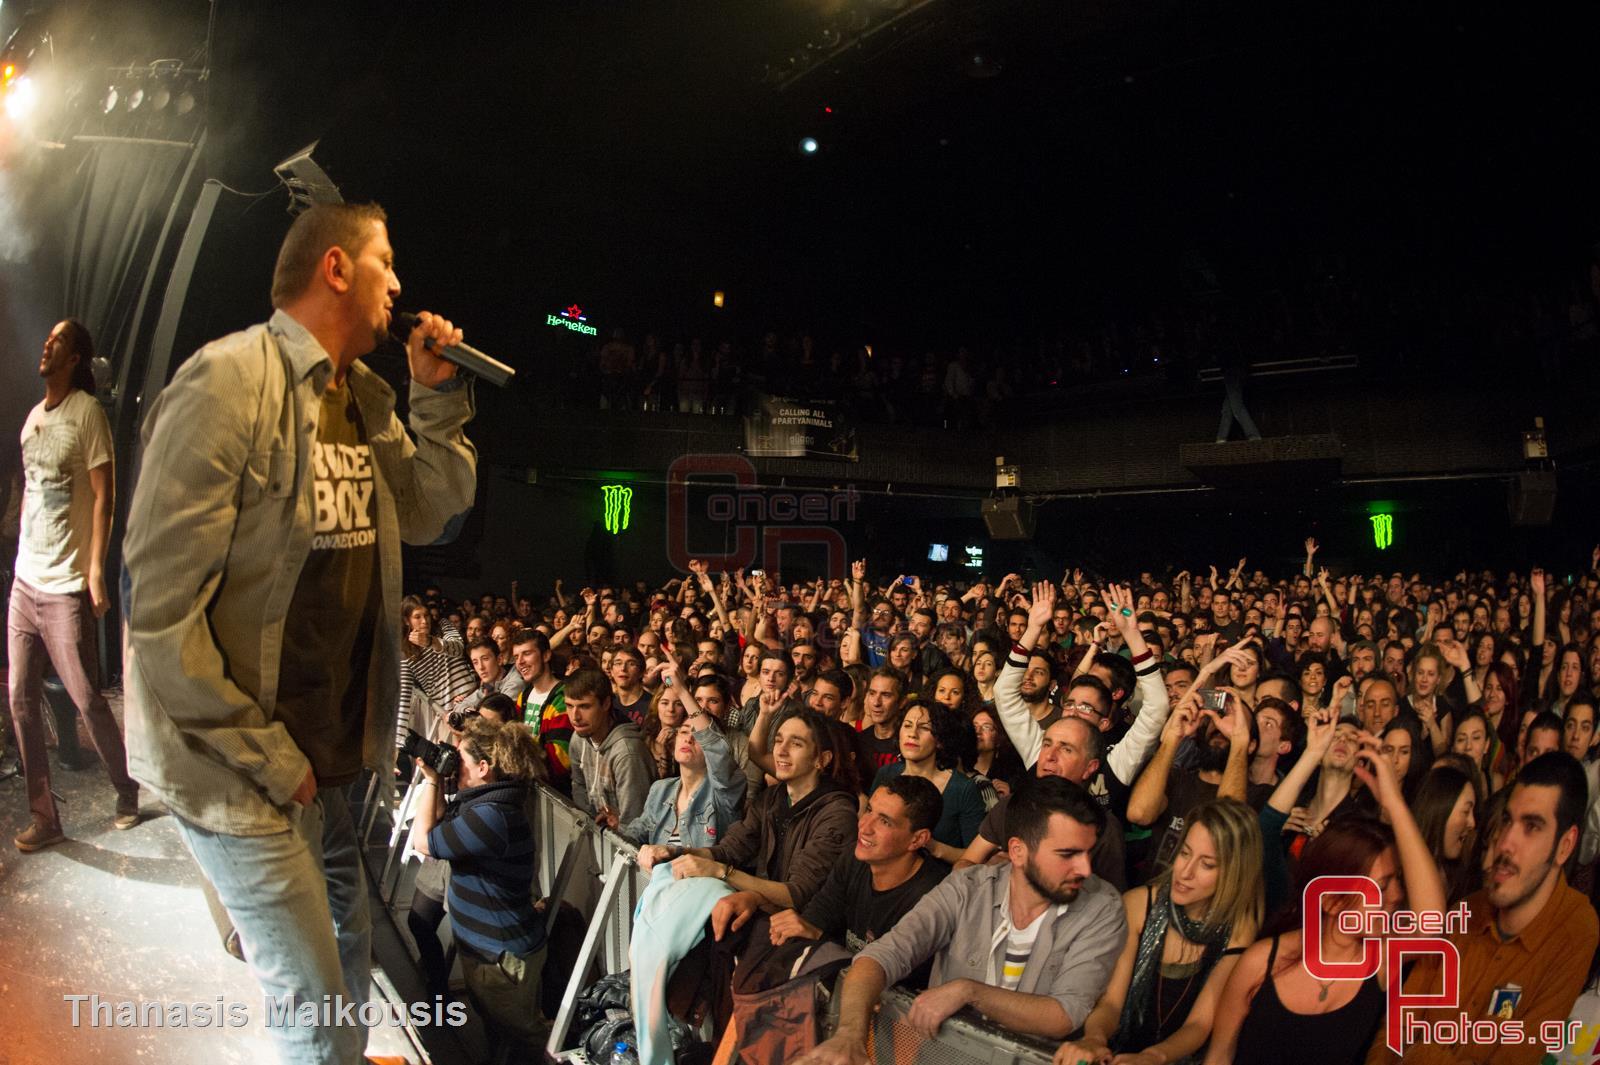 Dub Inc-Dub Inc photographer: Thanasis Maikousis - concertphotos_-5397